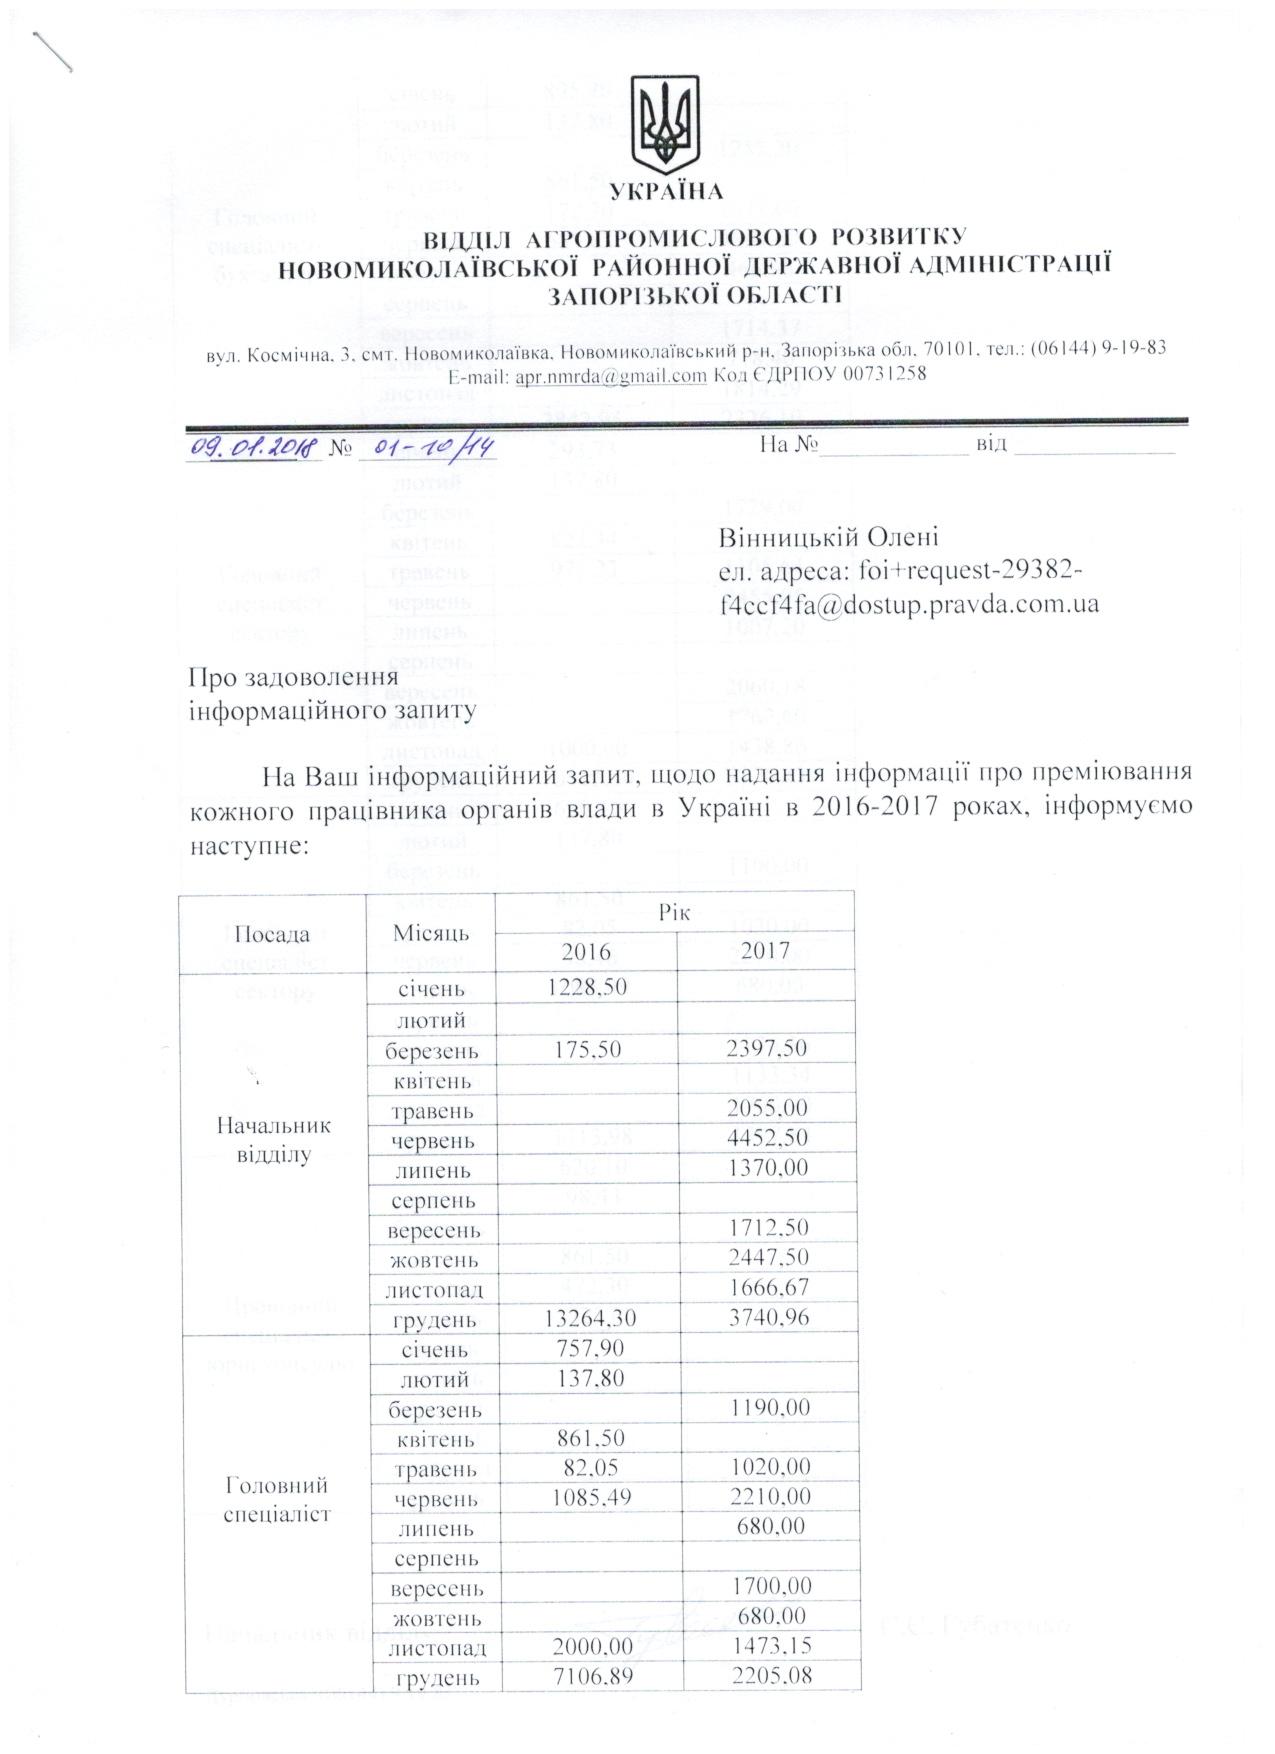 Бюджетні кошти - запит до: Кабінет Міністрів України | Доступ до правди